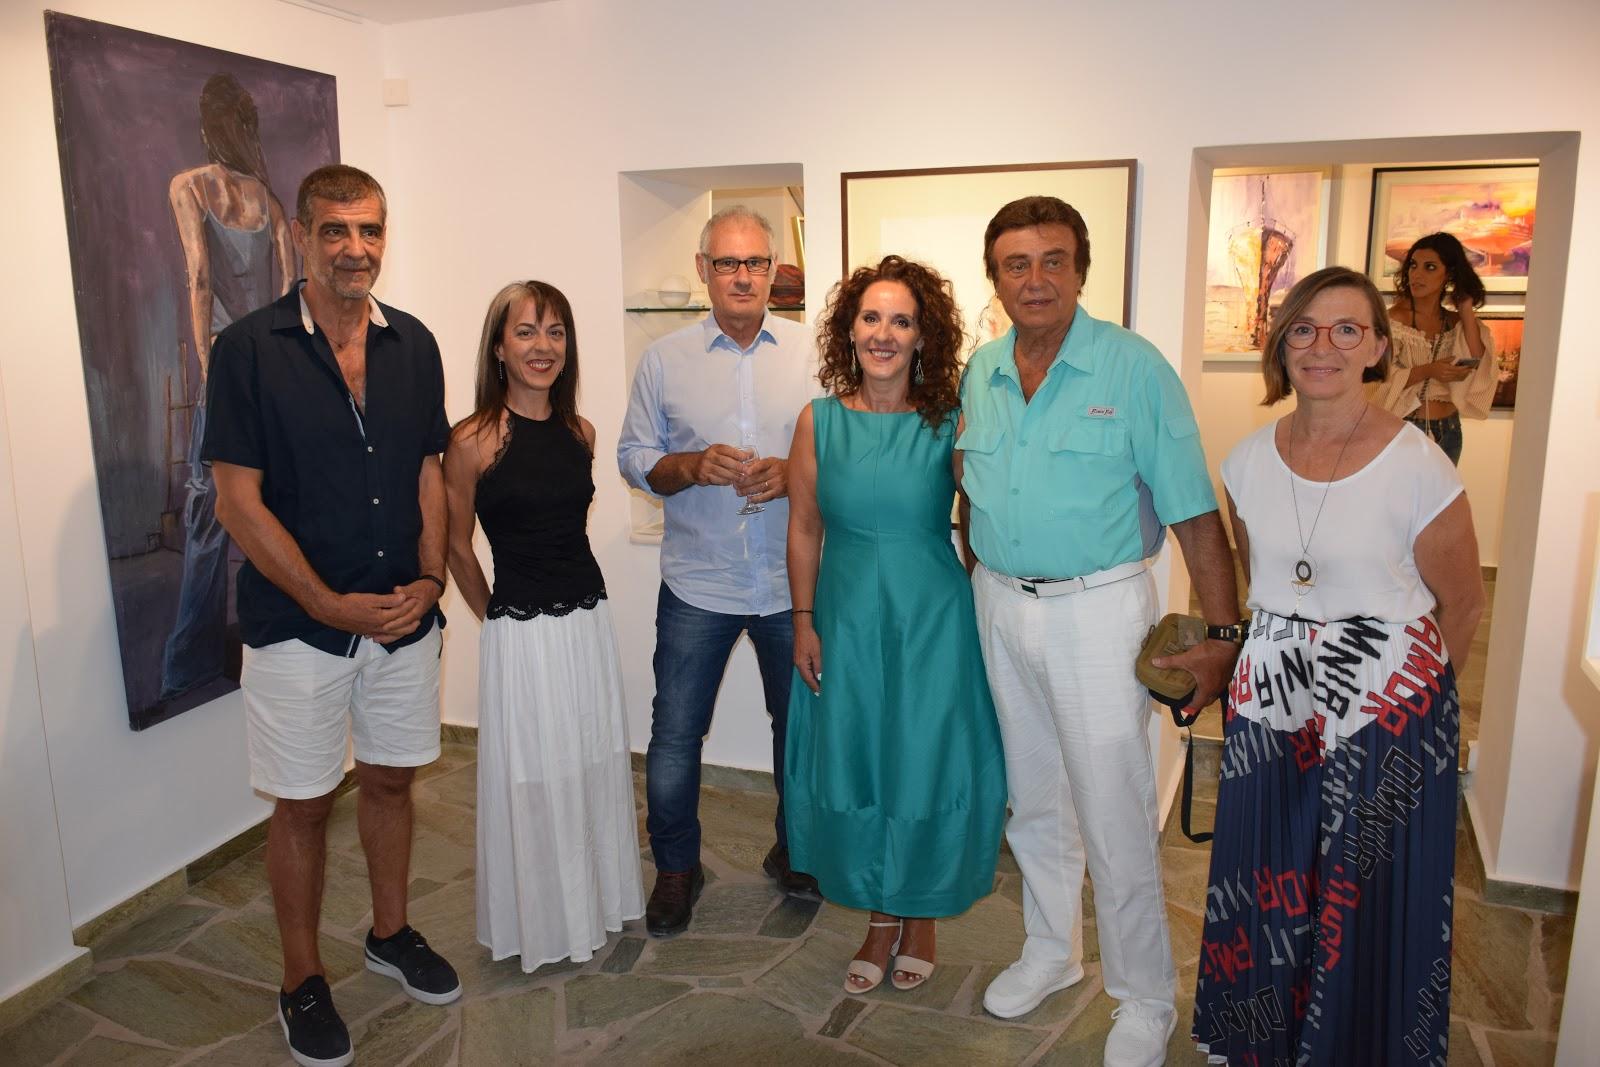 δelta art gallery opening - artists